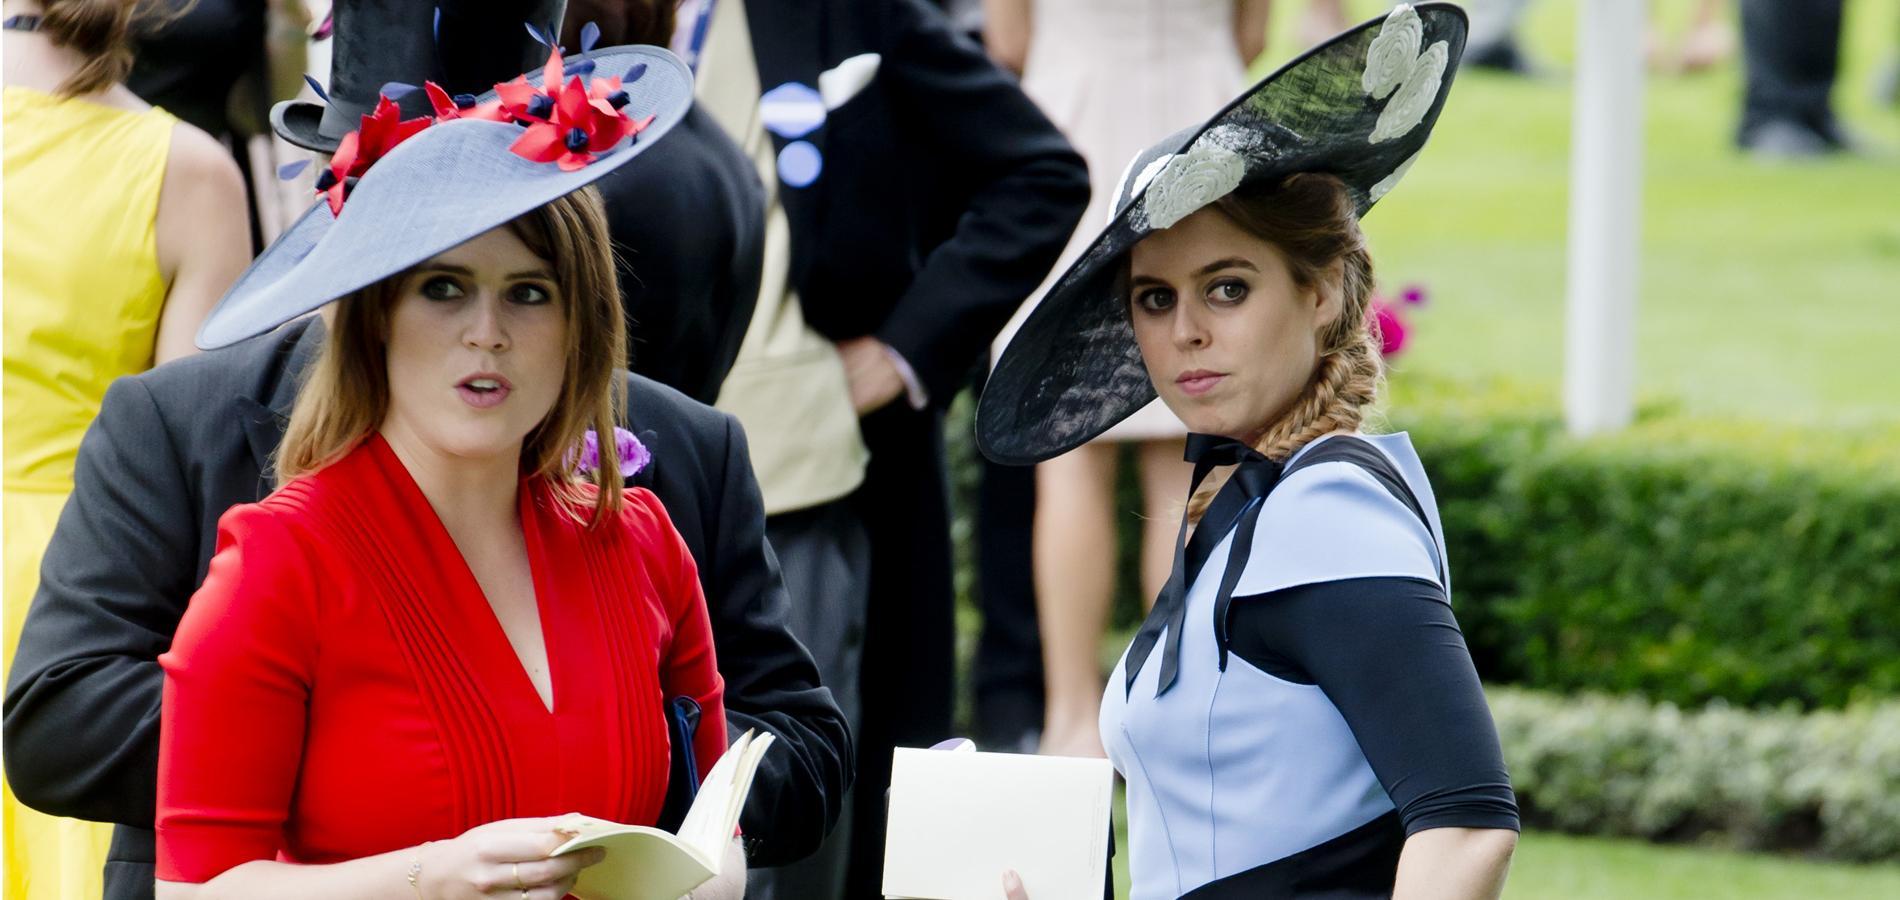 Eugenie et Beatrice d'York, les sœurs mal-aimées du royaume d'Angleterre